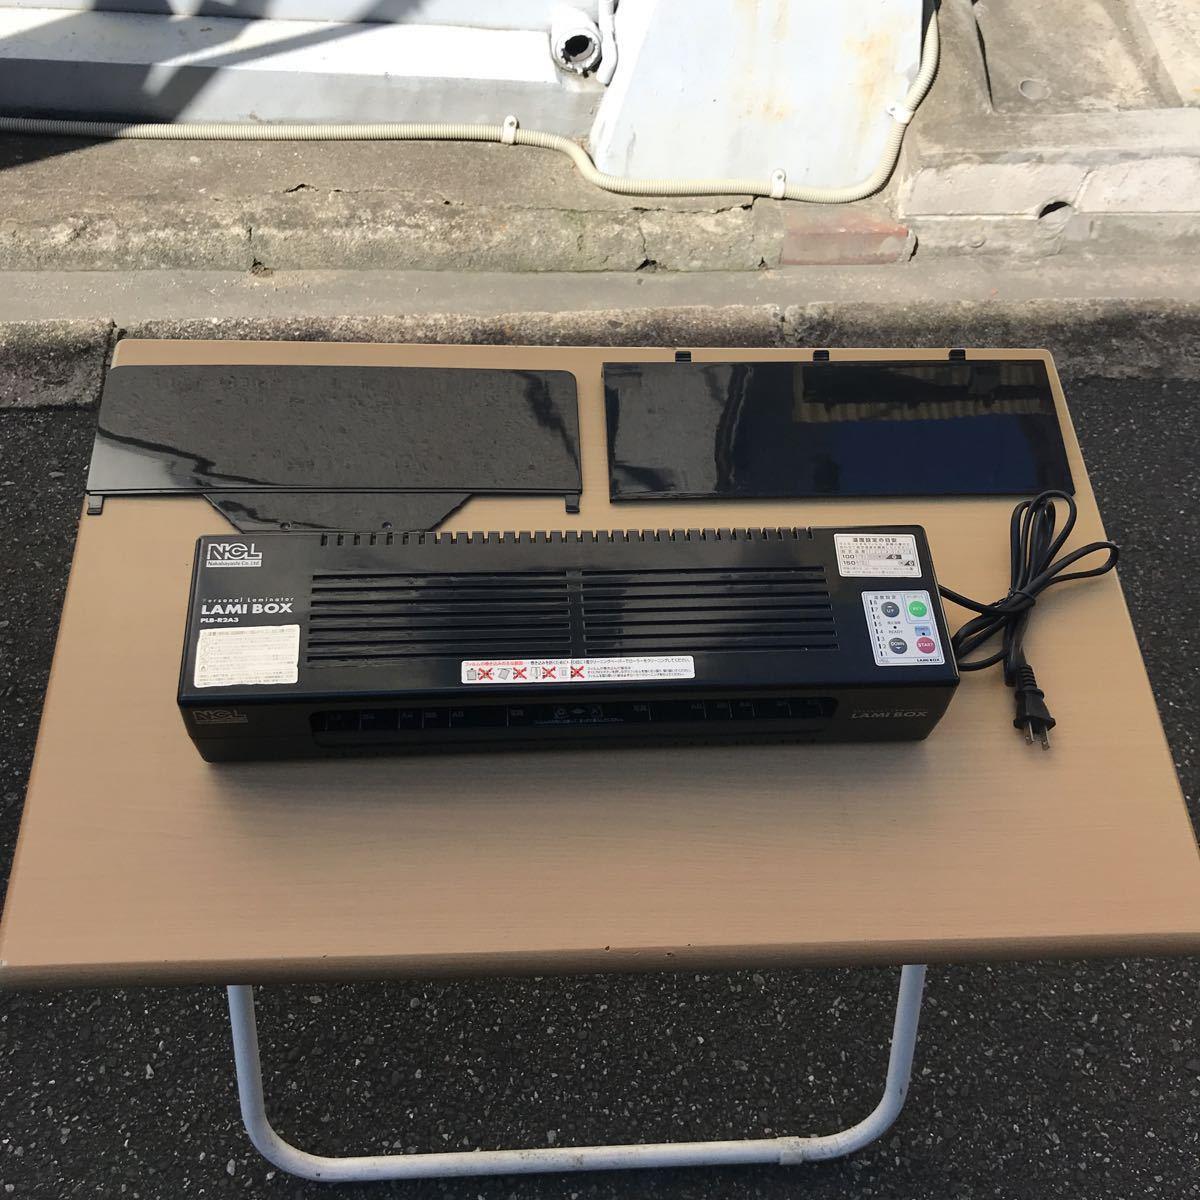 ナカバヤシ ラミネーター LAMI BOX PLB-R2A3 中古品 A3サイズ 可能